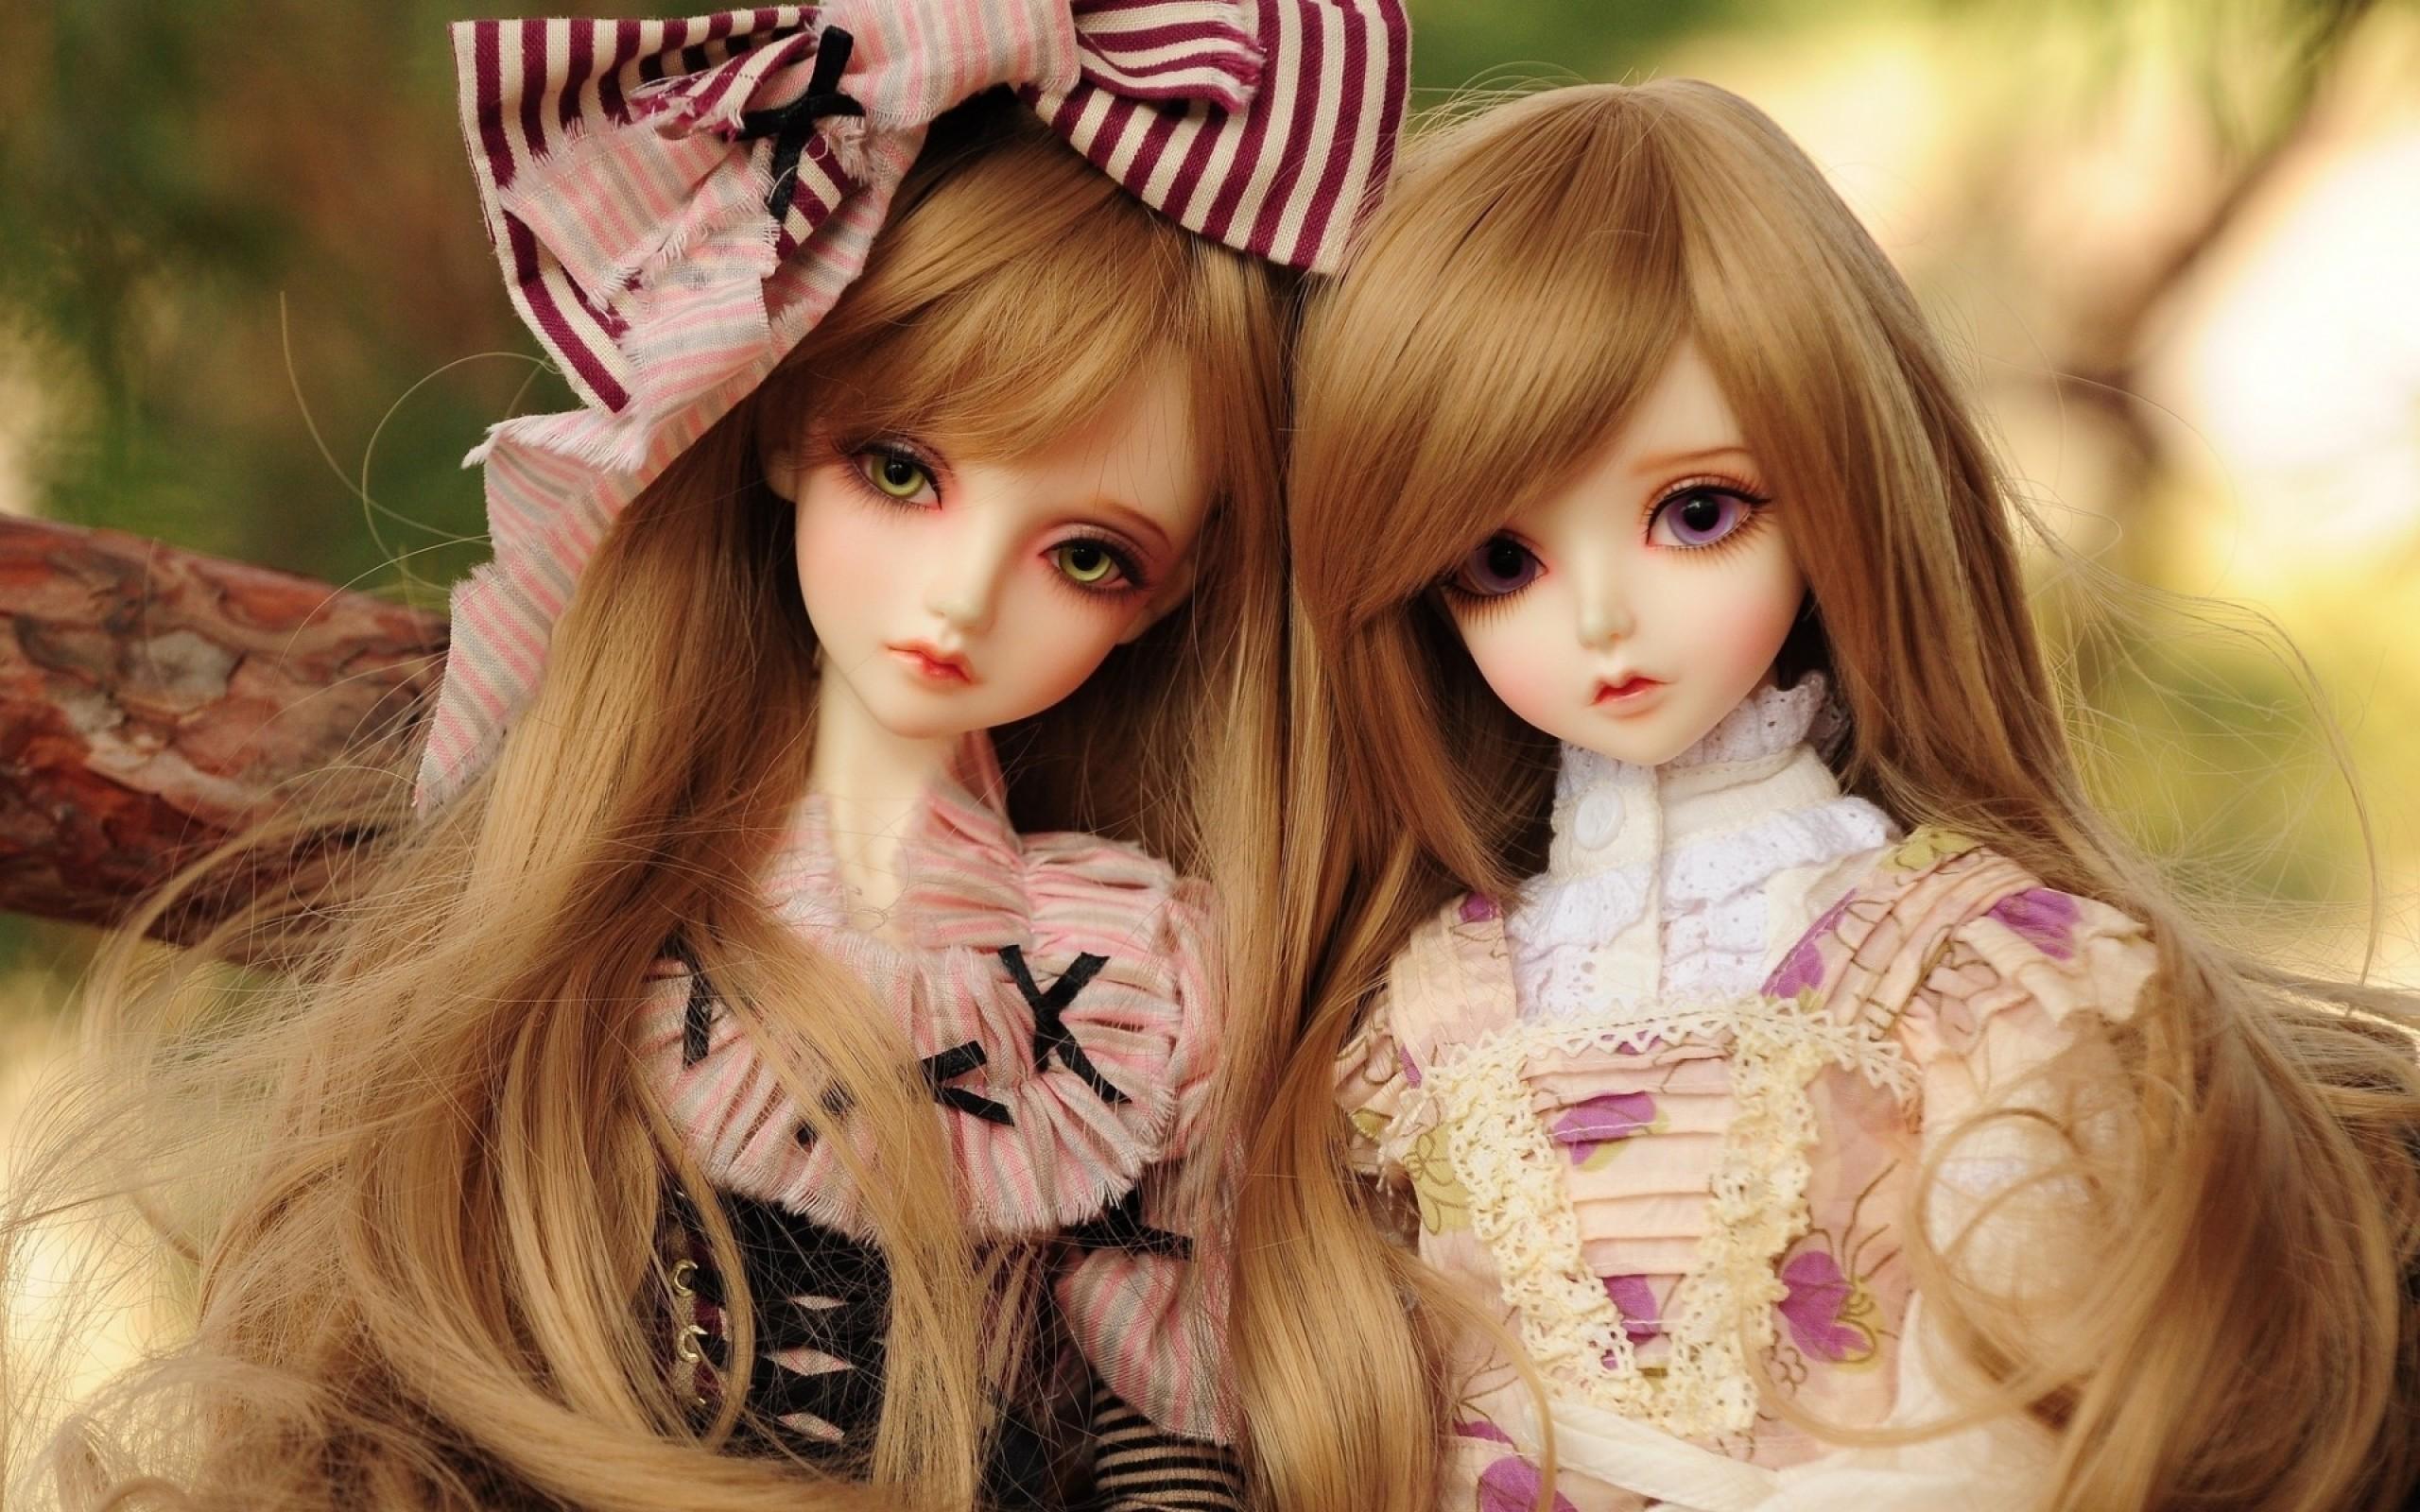 Beautiful Dolls 2560x1600